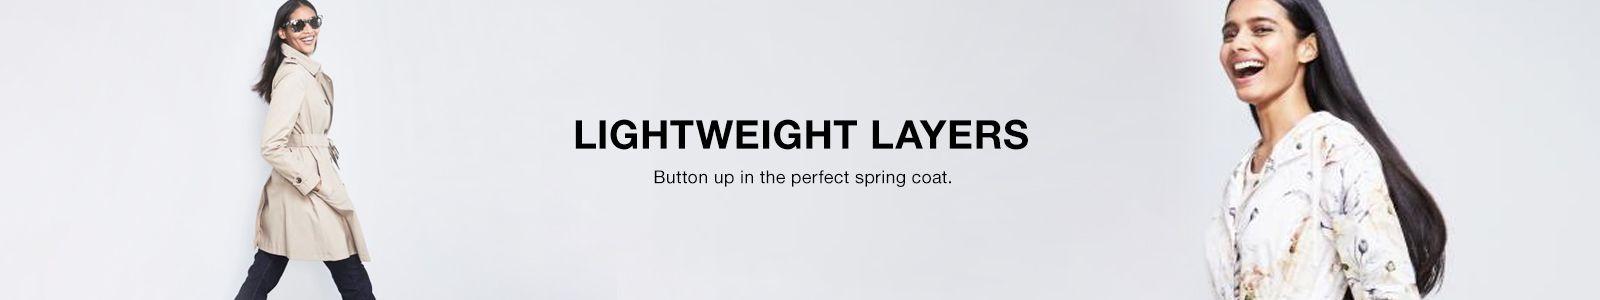 Lightweight Layers